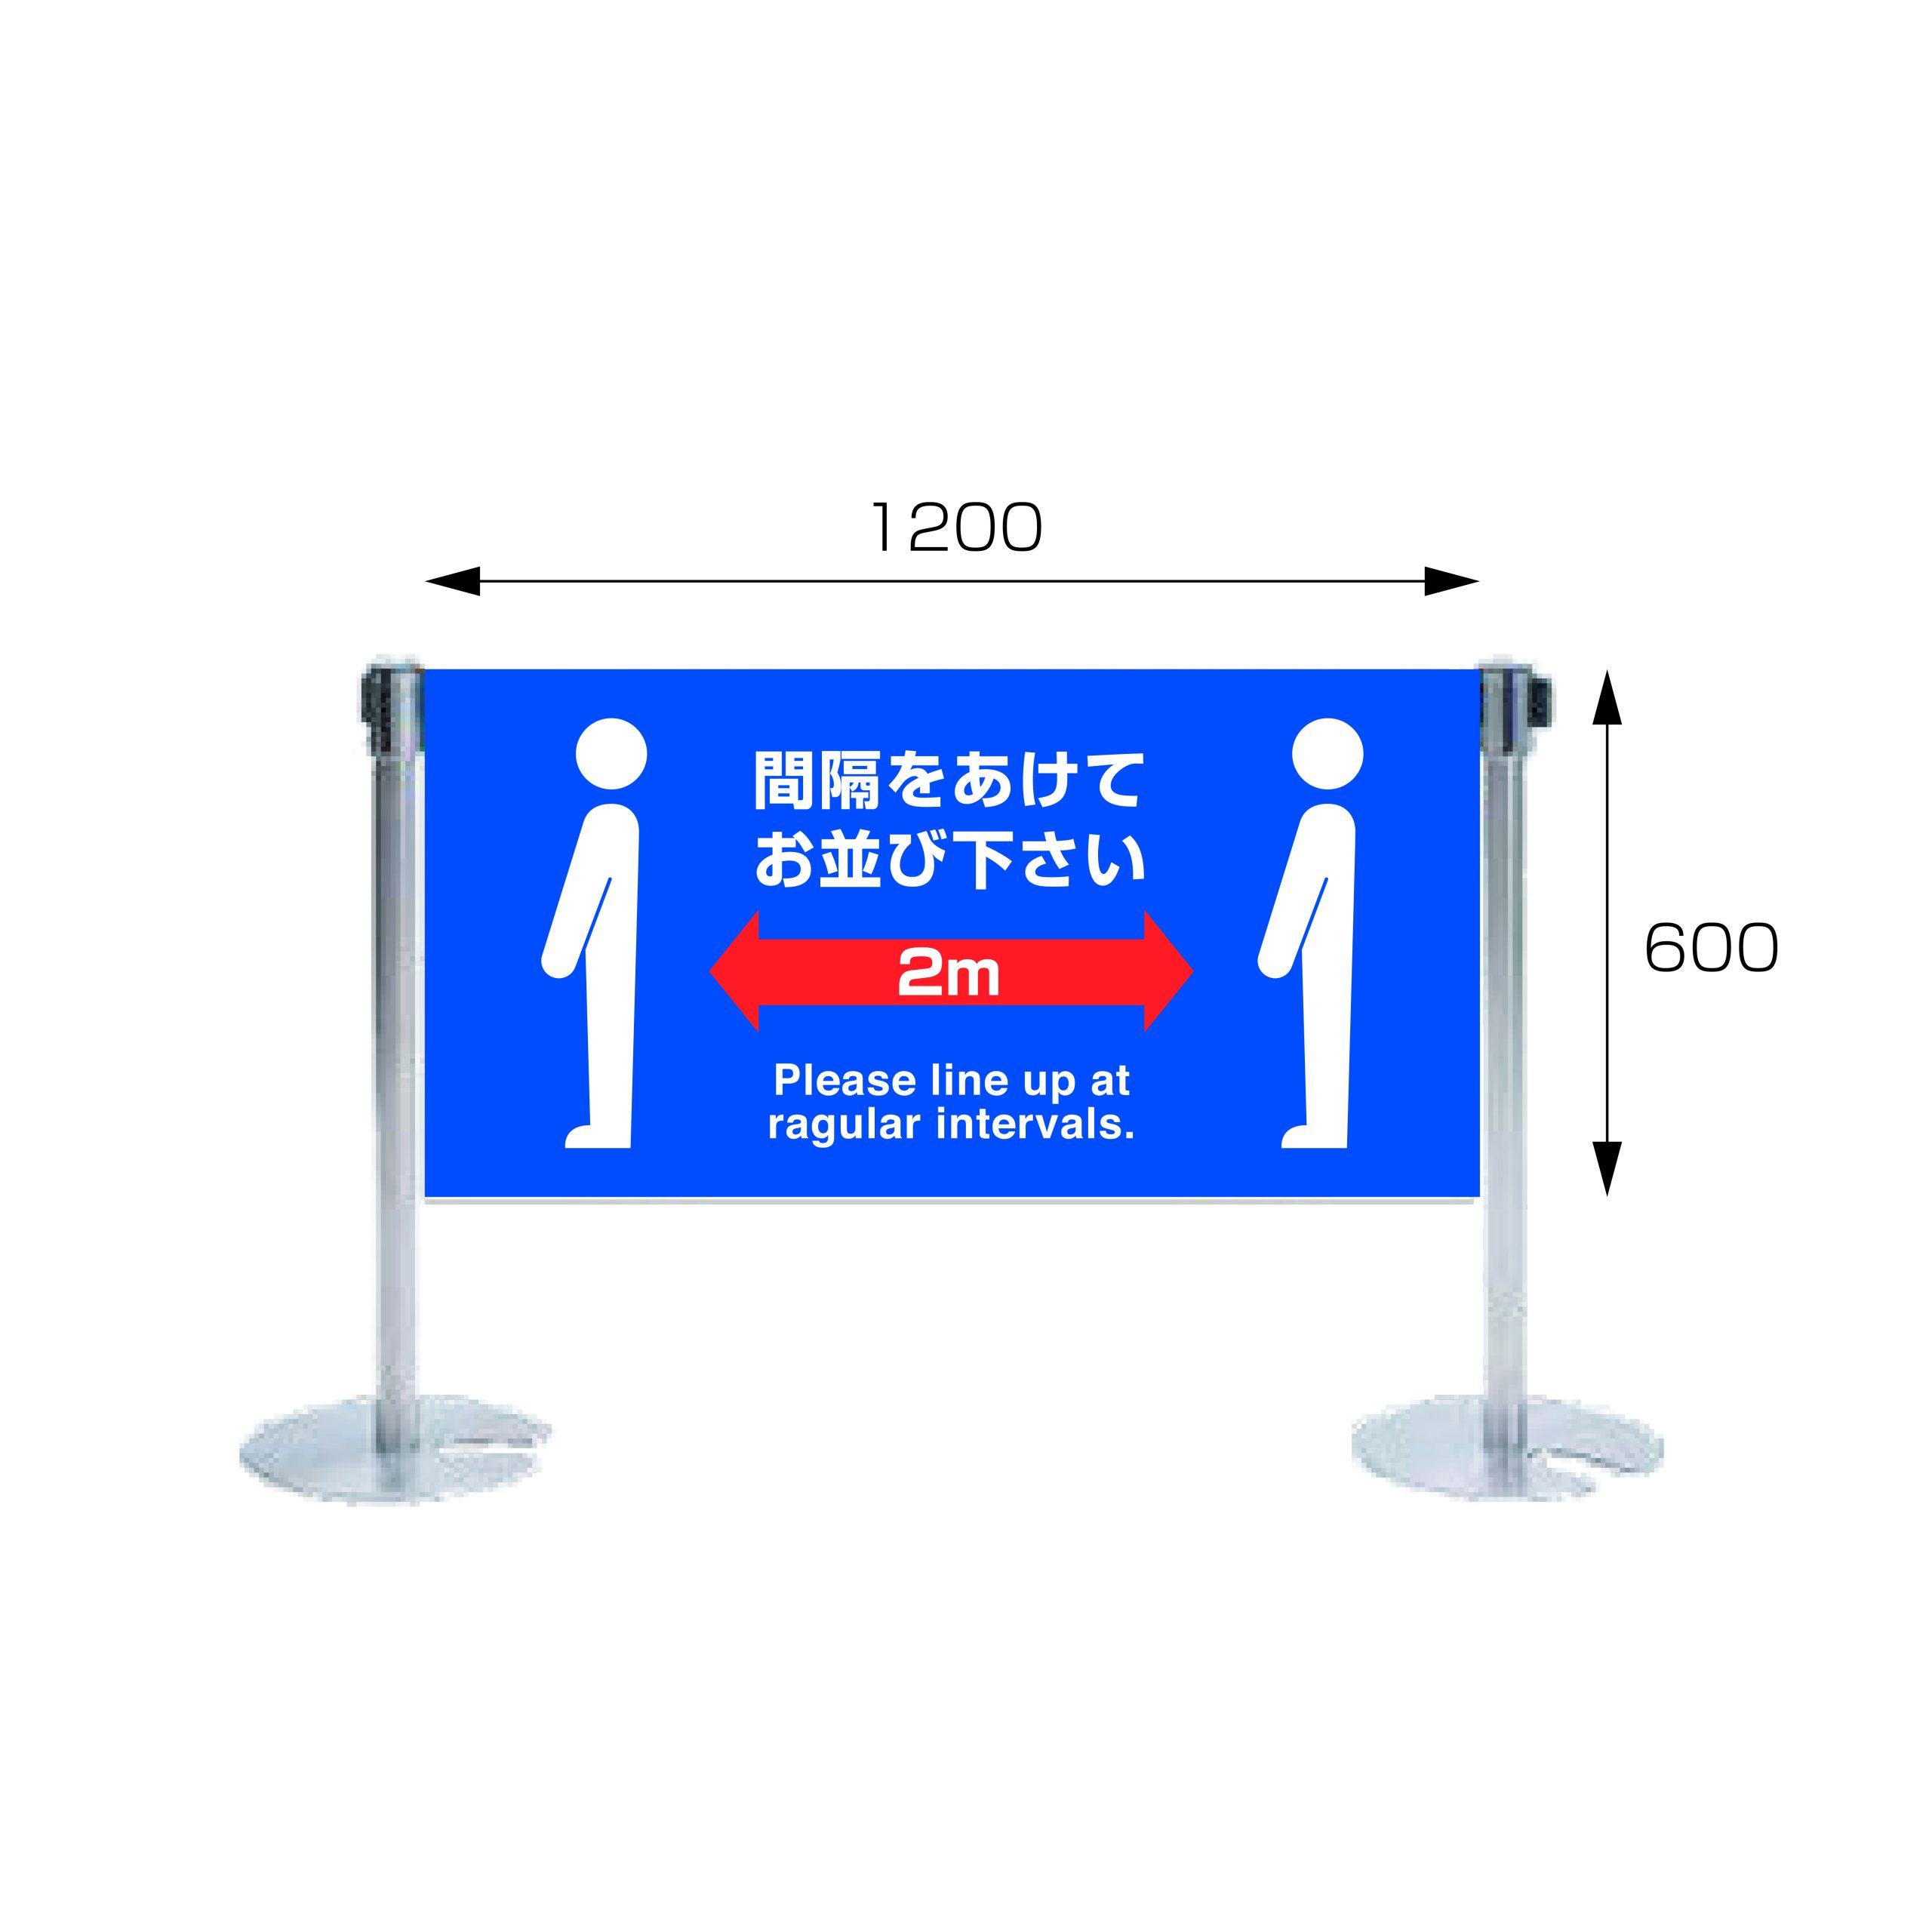 ベルトパーテーション案内サイン(両面)